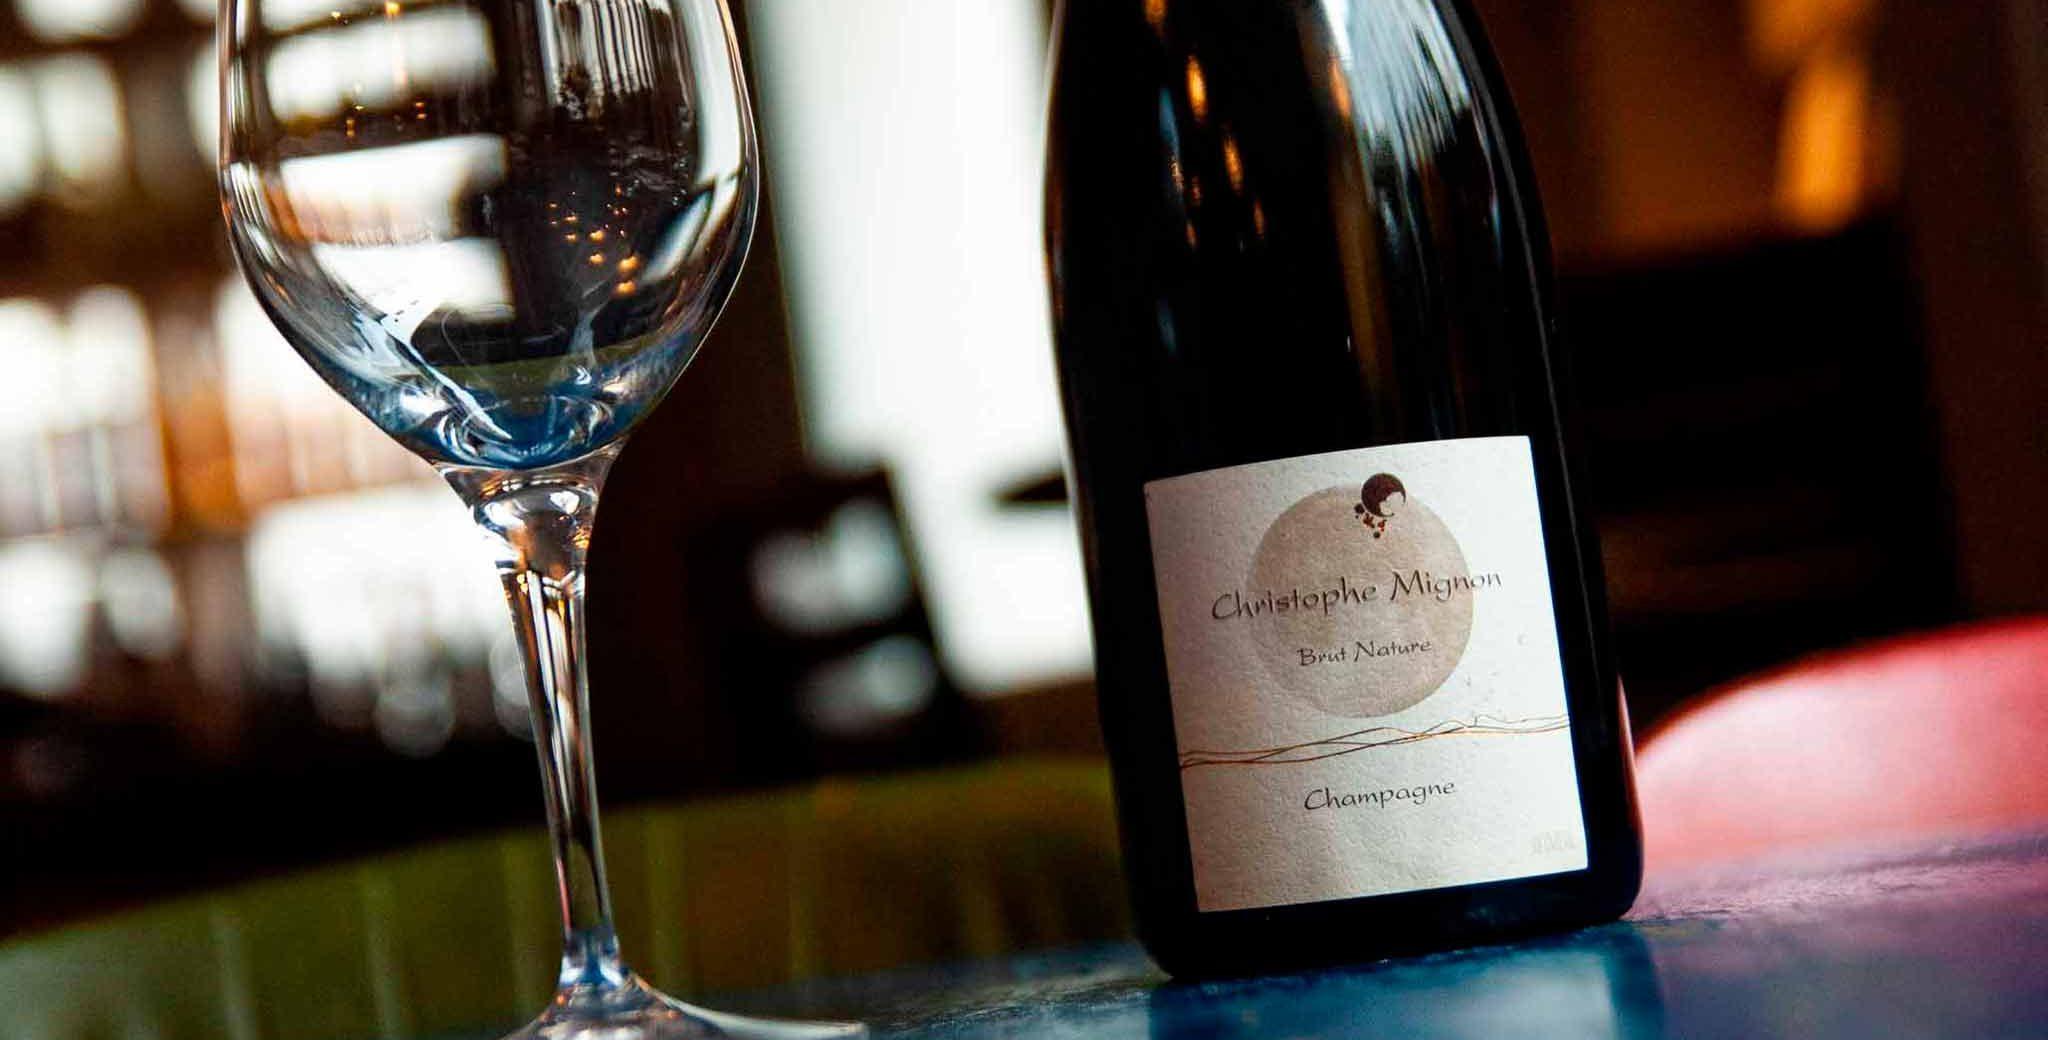 Brut Nature Champagne Pur Meunier N/V, Christophe Mignon. Manfreds økologiske vegetar nytårstakeaway, takeaway til nytår til afhentning på Nørrebro nytårsaften.